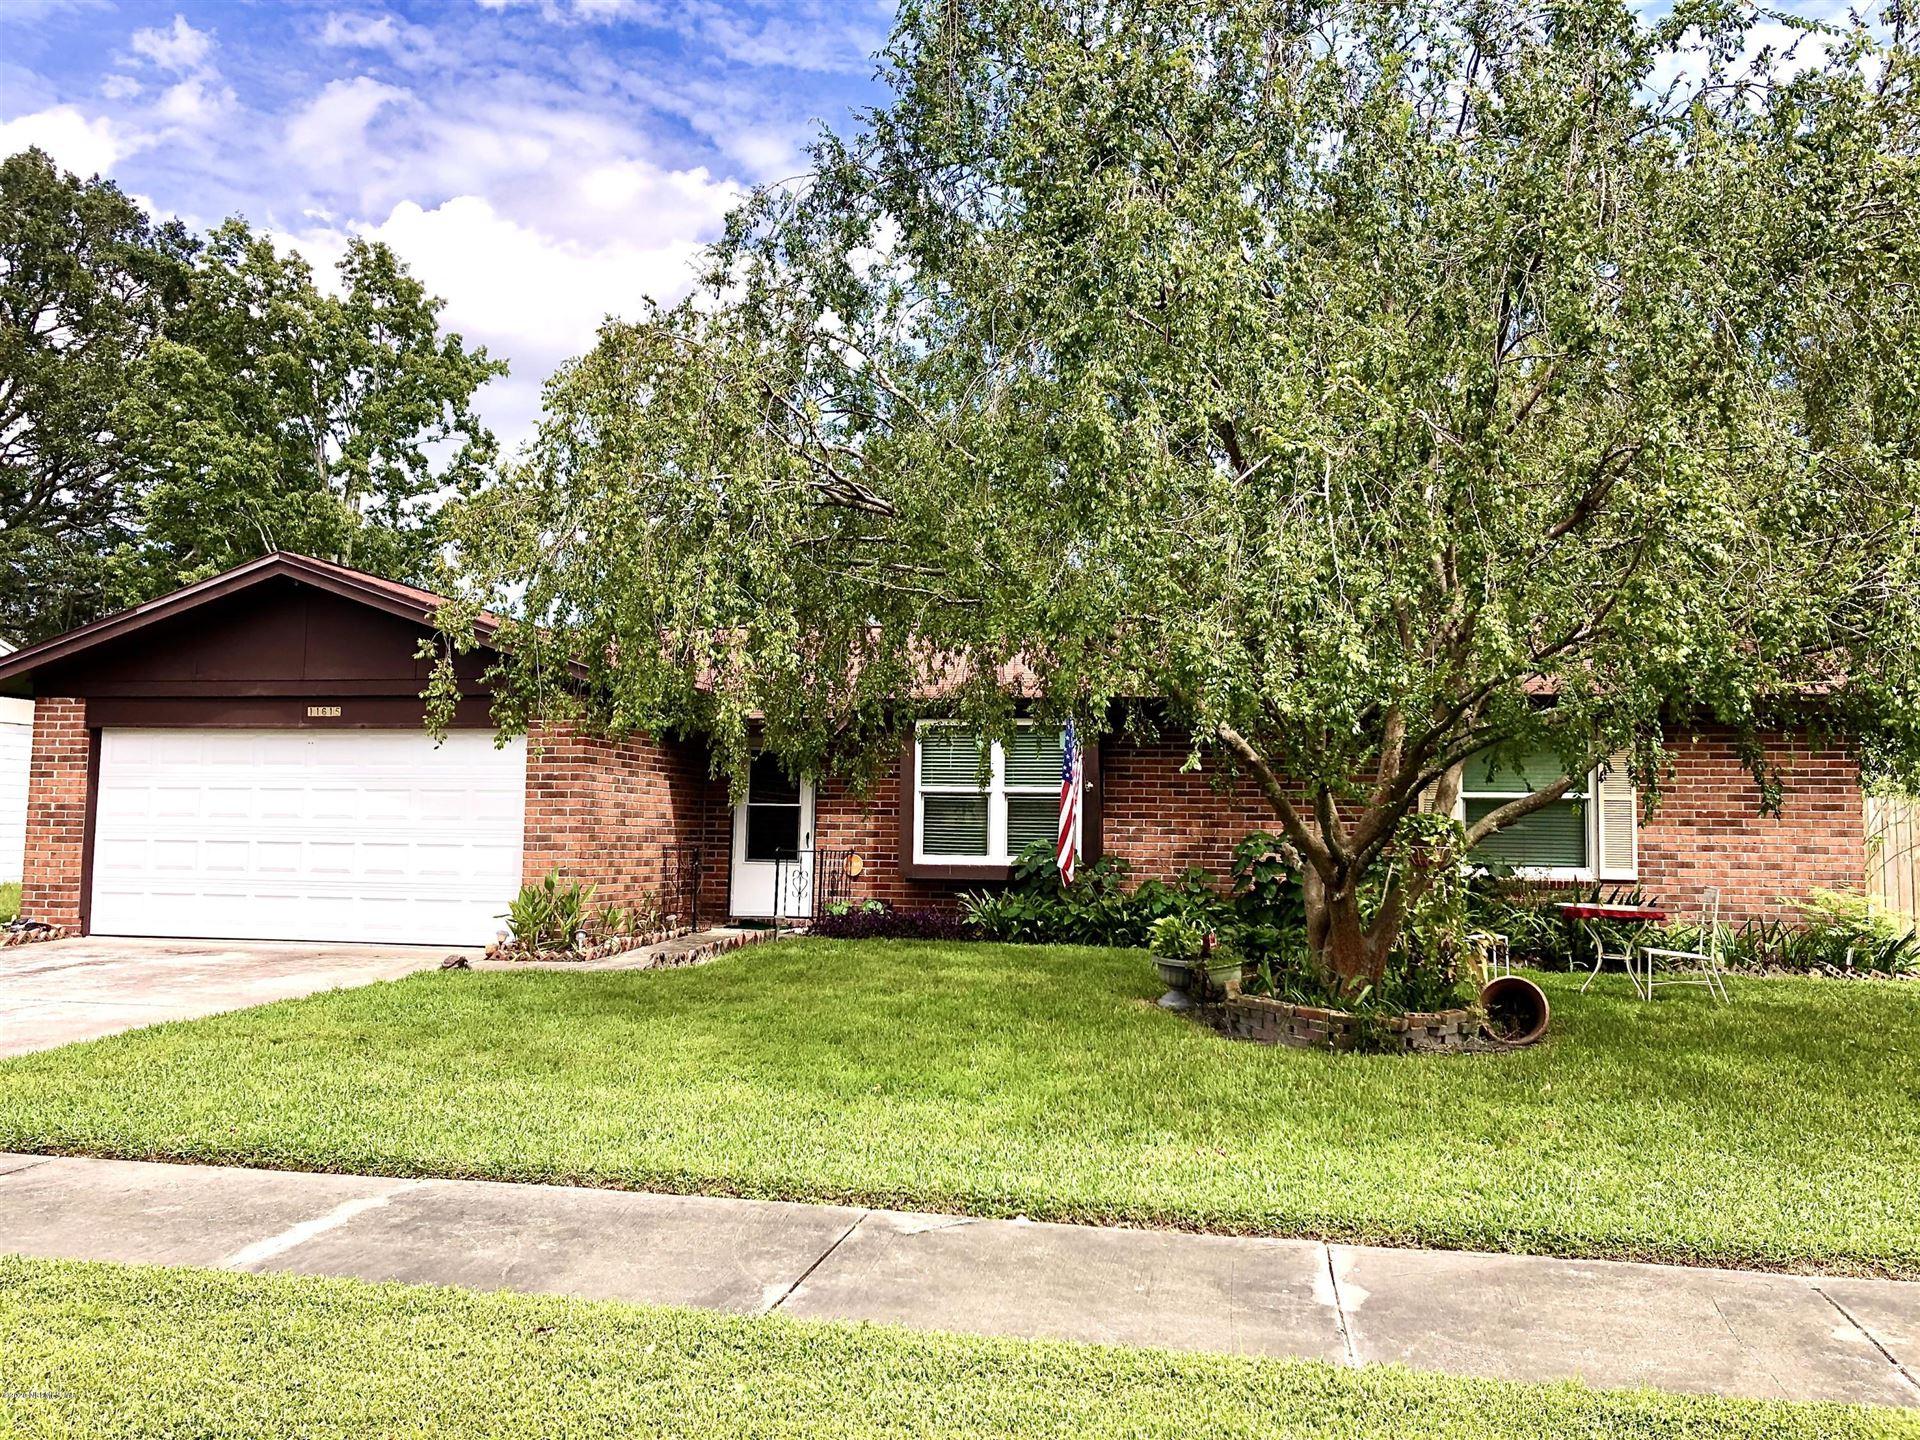 11615 W RIDE DR #Unit No: 1 Lot No: 3, Jacksonville, FL 32223 - MLS#: 1074605